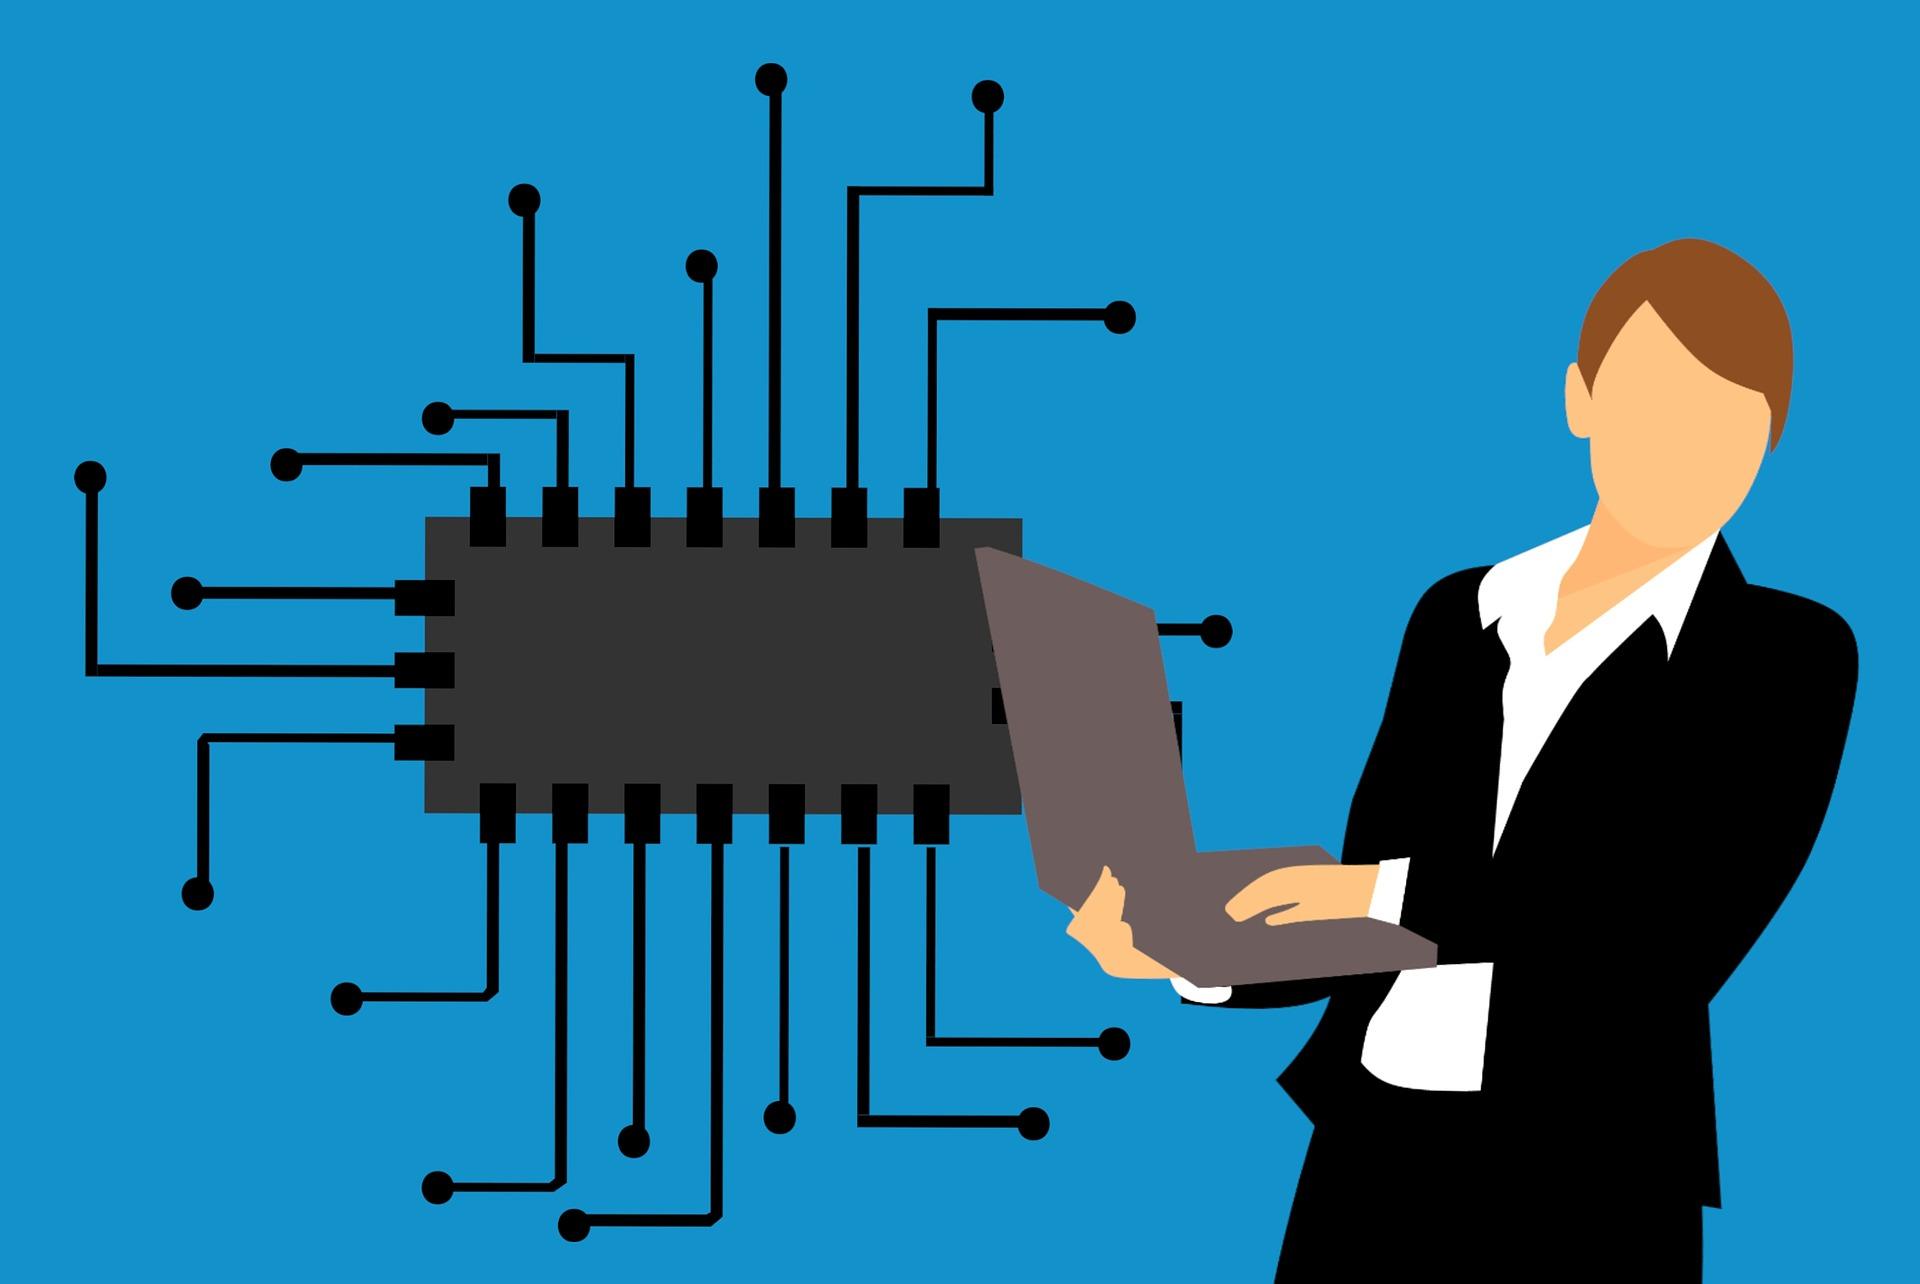 マイクロチップと女性の画像